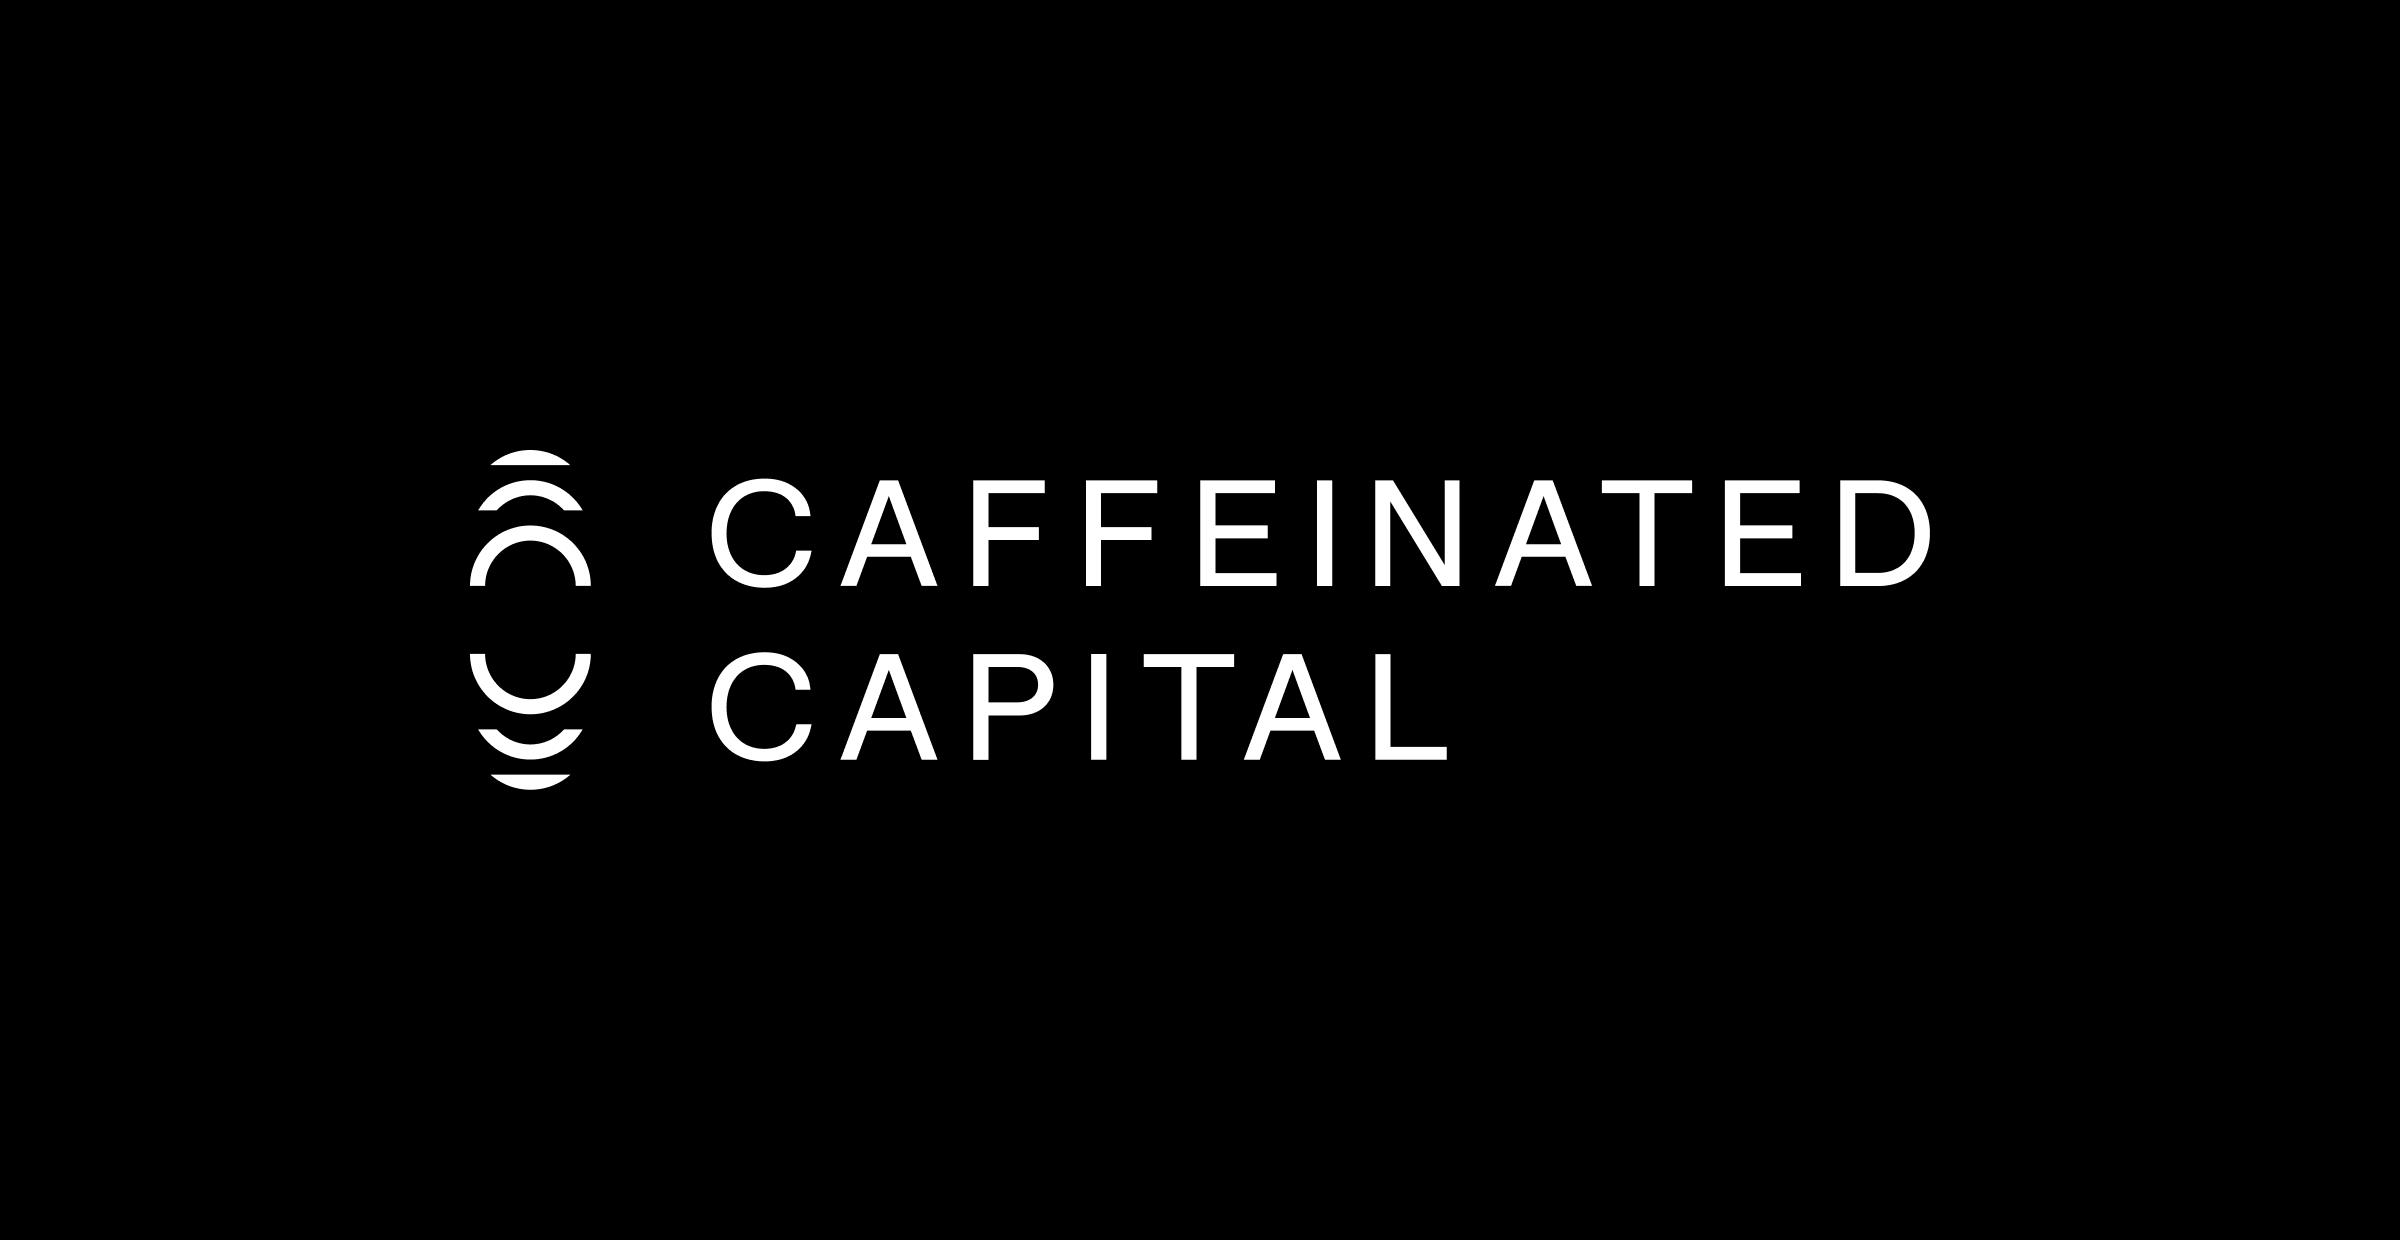 Caffeinated Capital logo